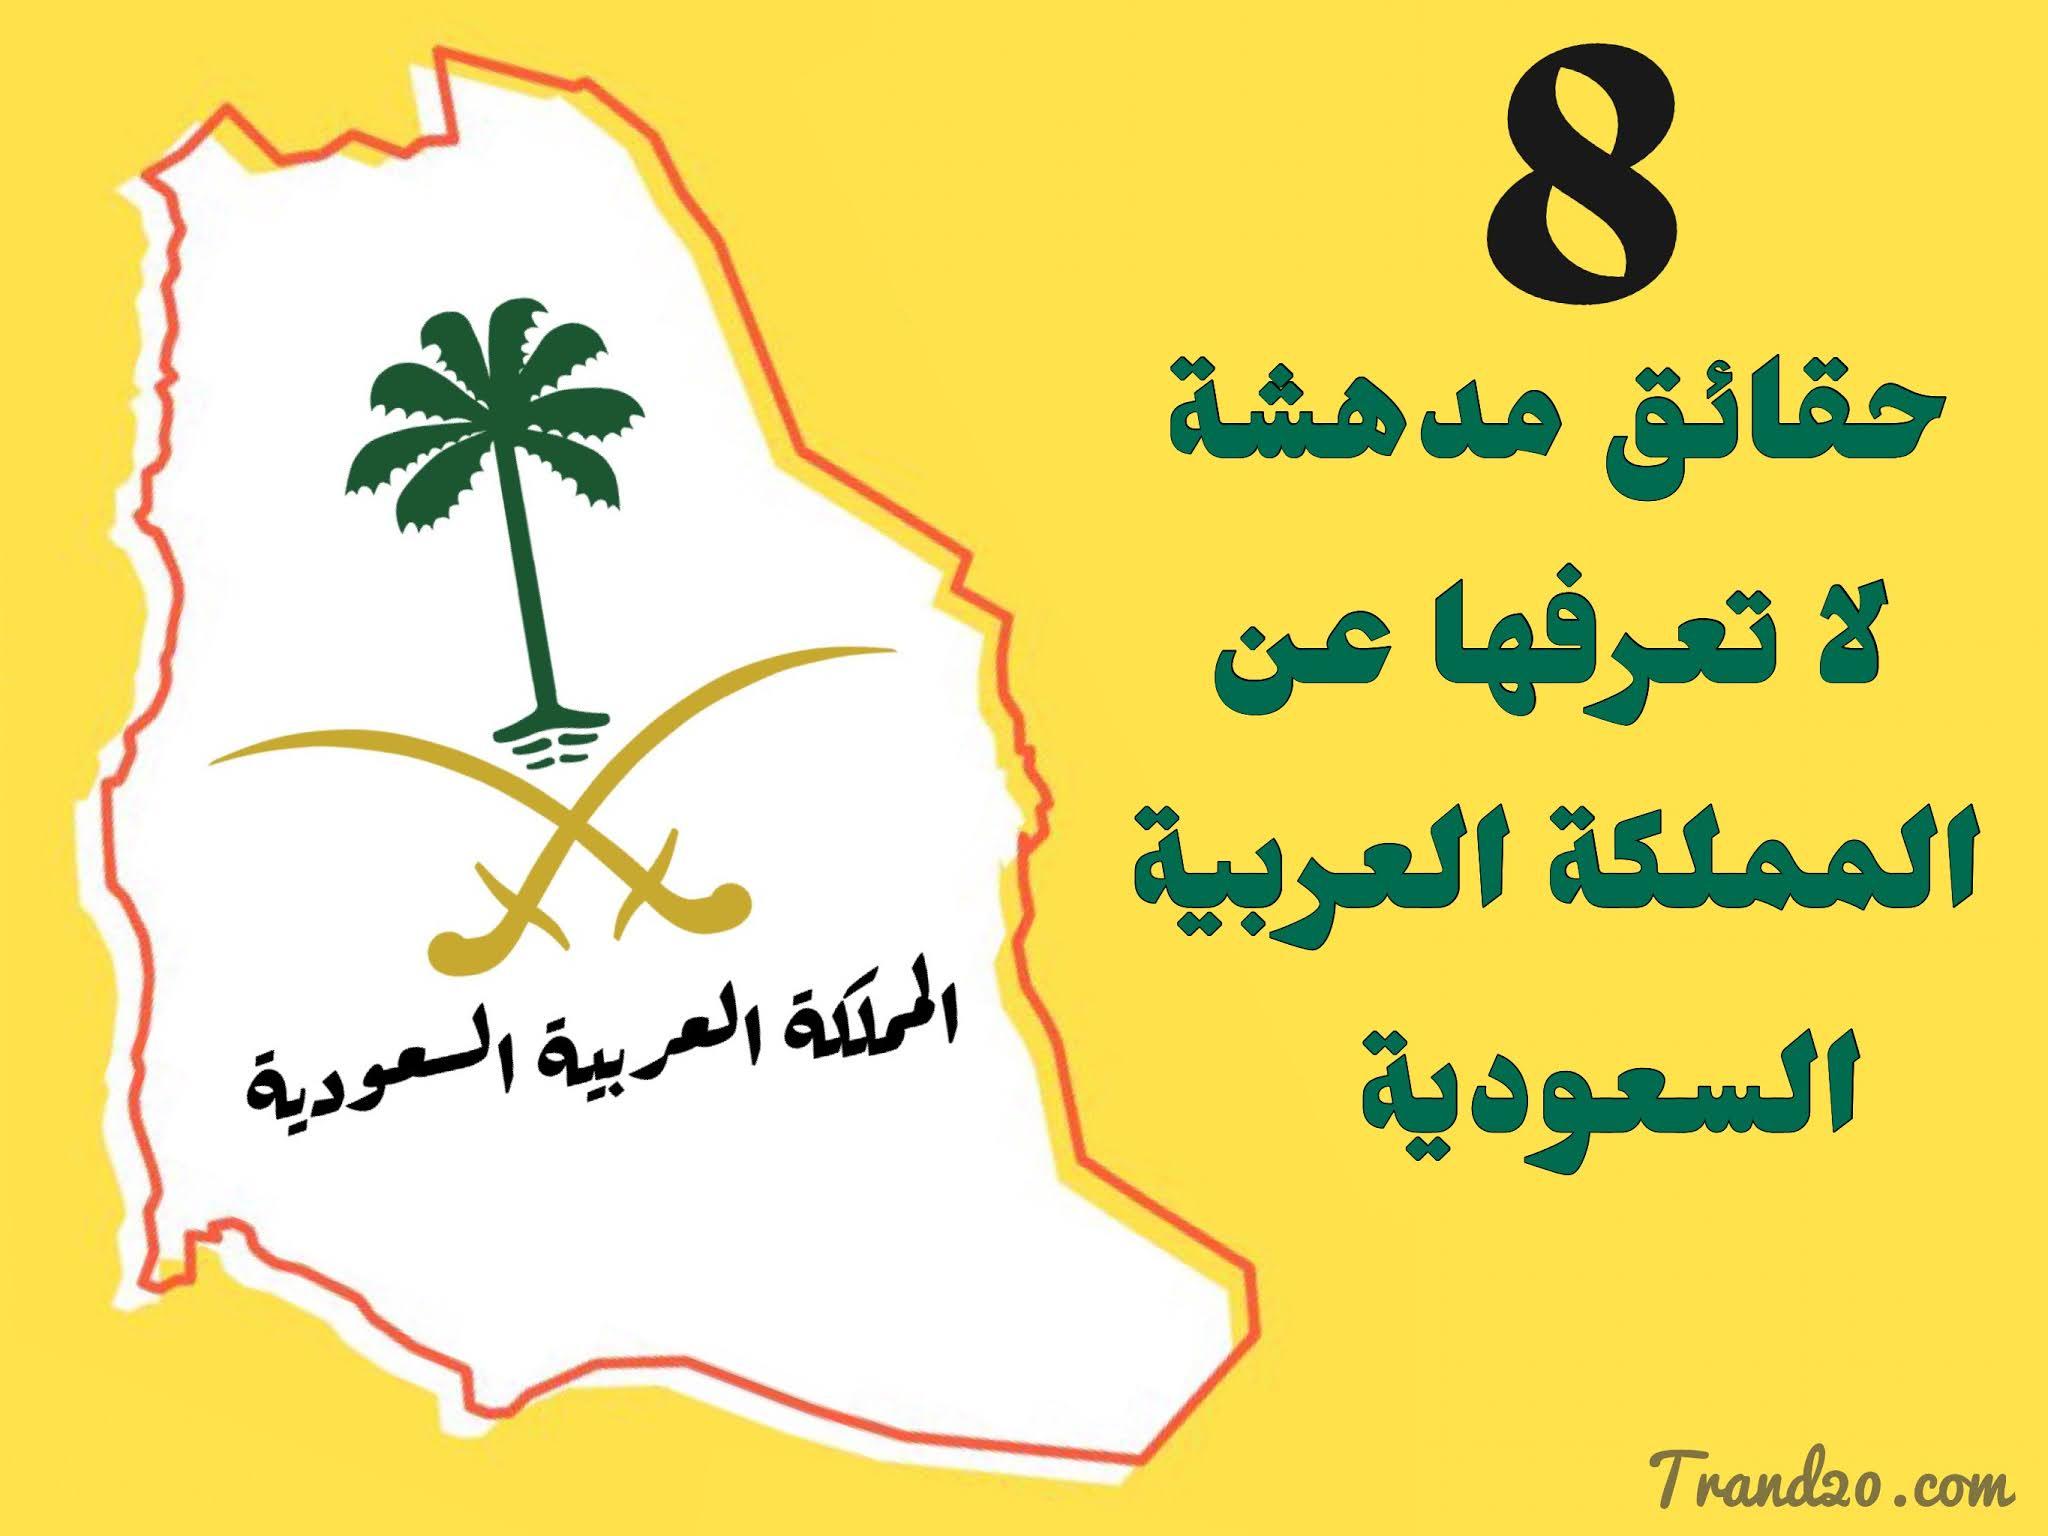 اكتشف 8 حقائق مدهشة ستفاجئك عن المملكة العربية السعودية